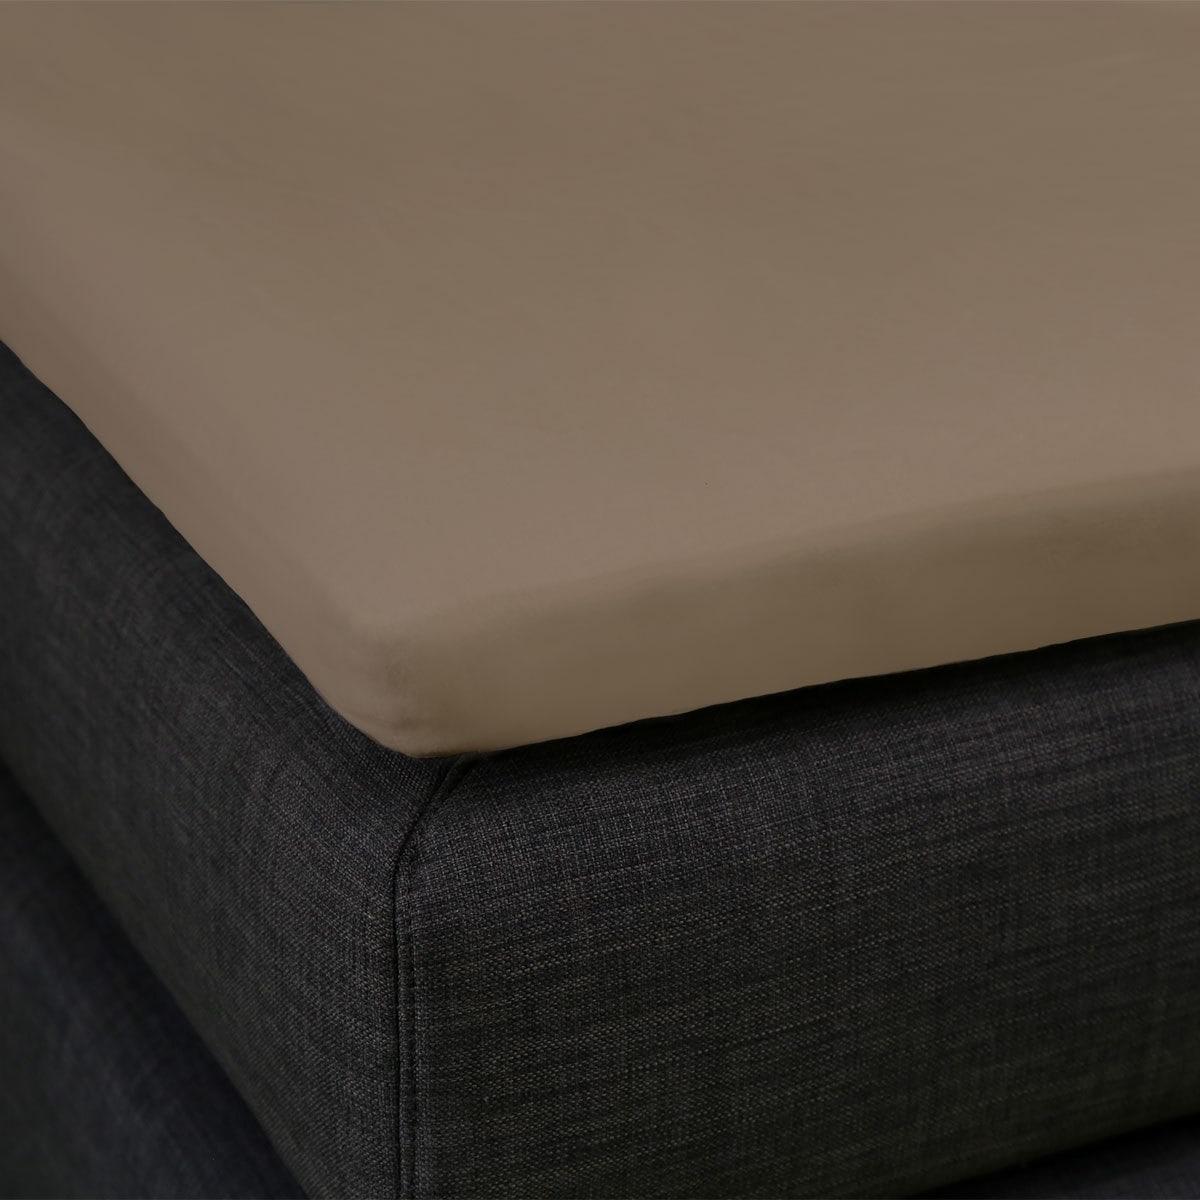 formesse boxspring topper spannbettlaken bella gracia la piccola g nstig online kaufen bei. Black Bedroom Furniture Sets. Home Design Ideas